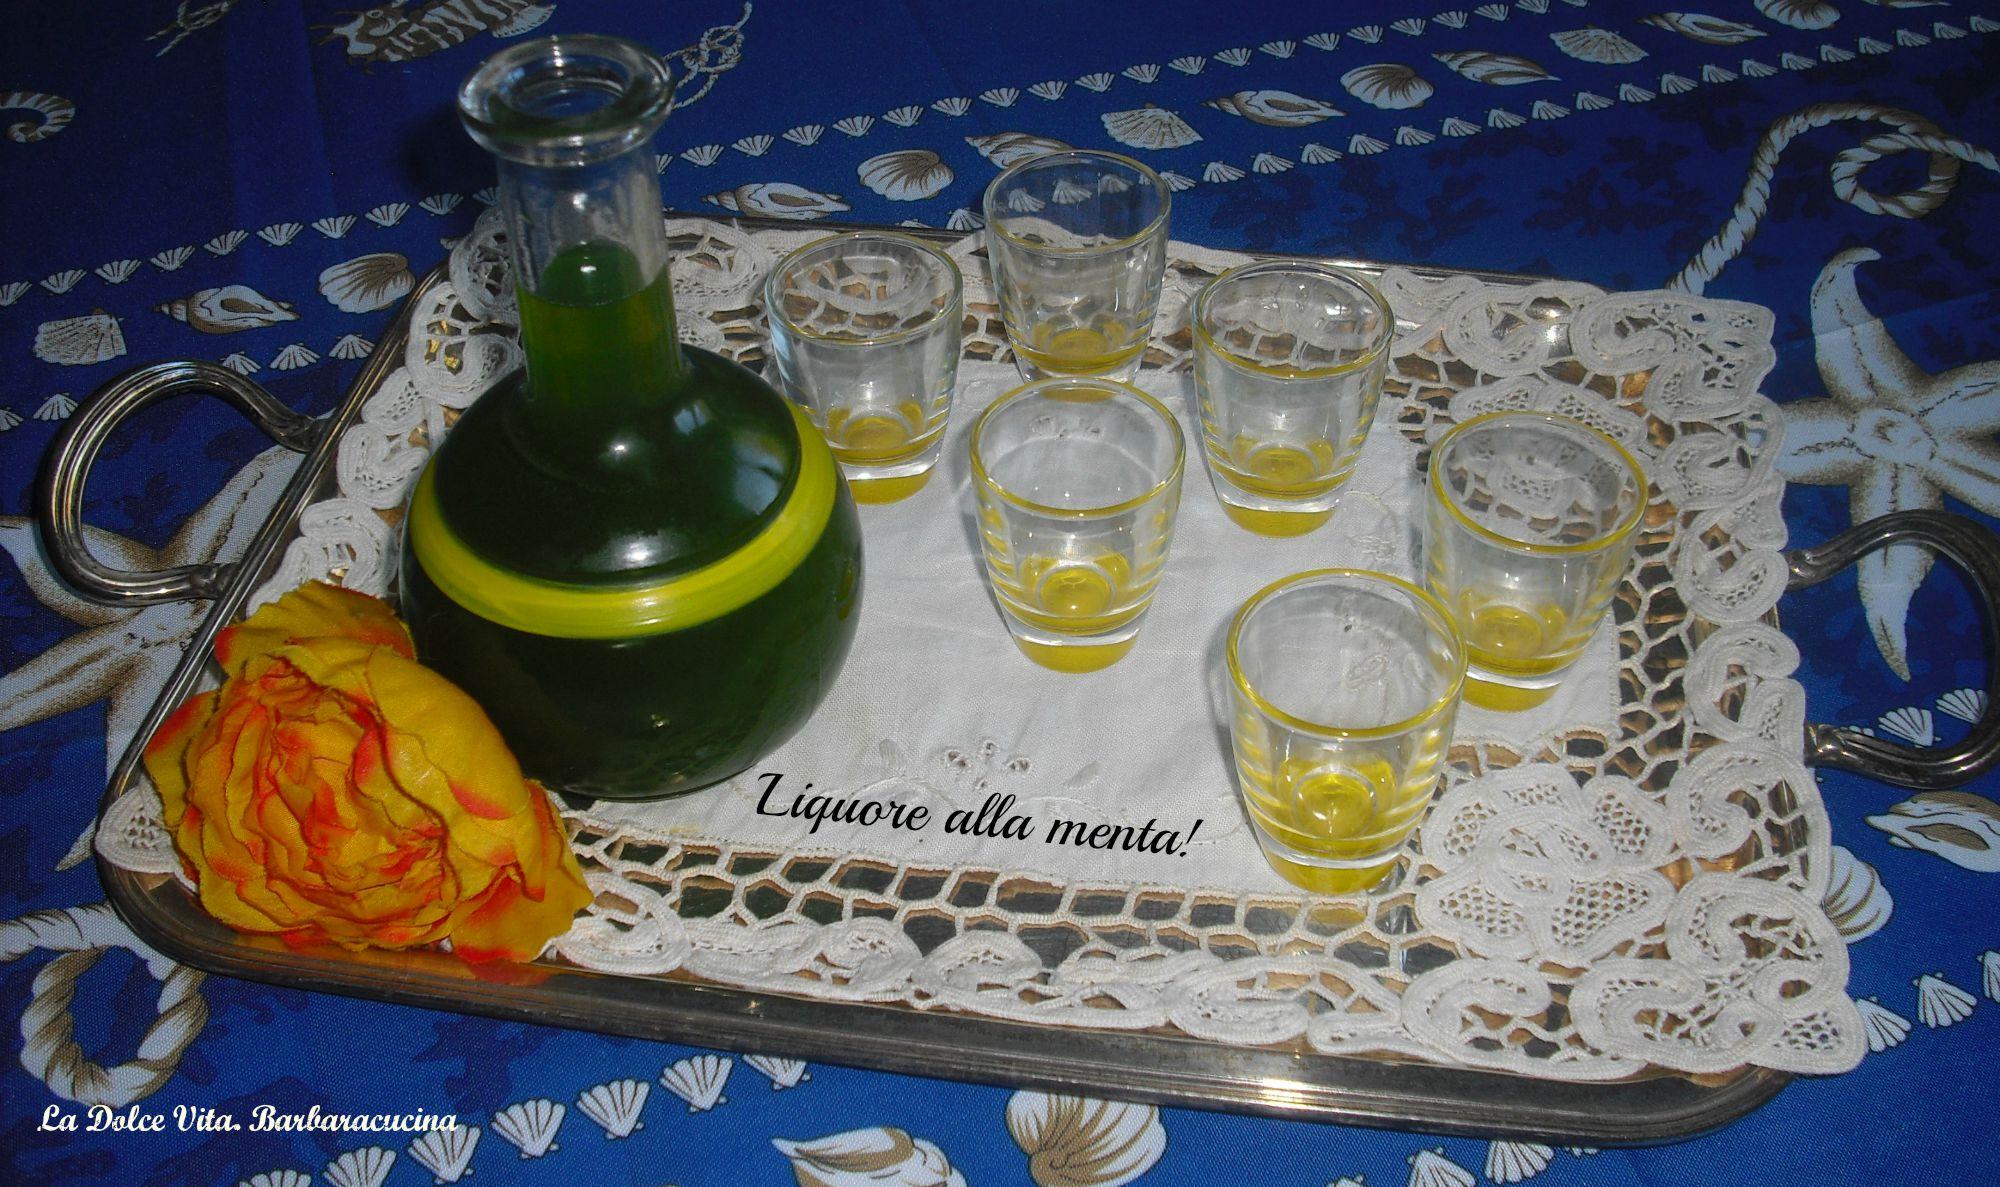 liquore alla menta 1